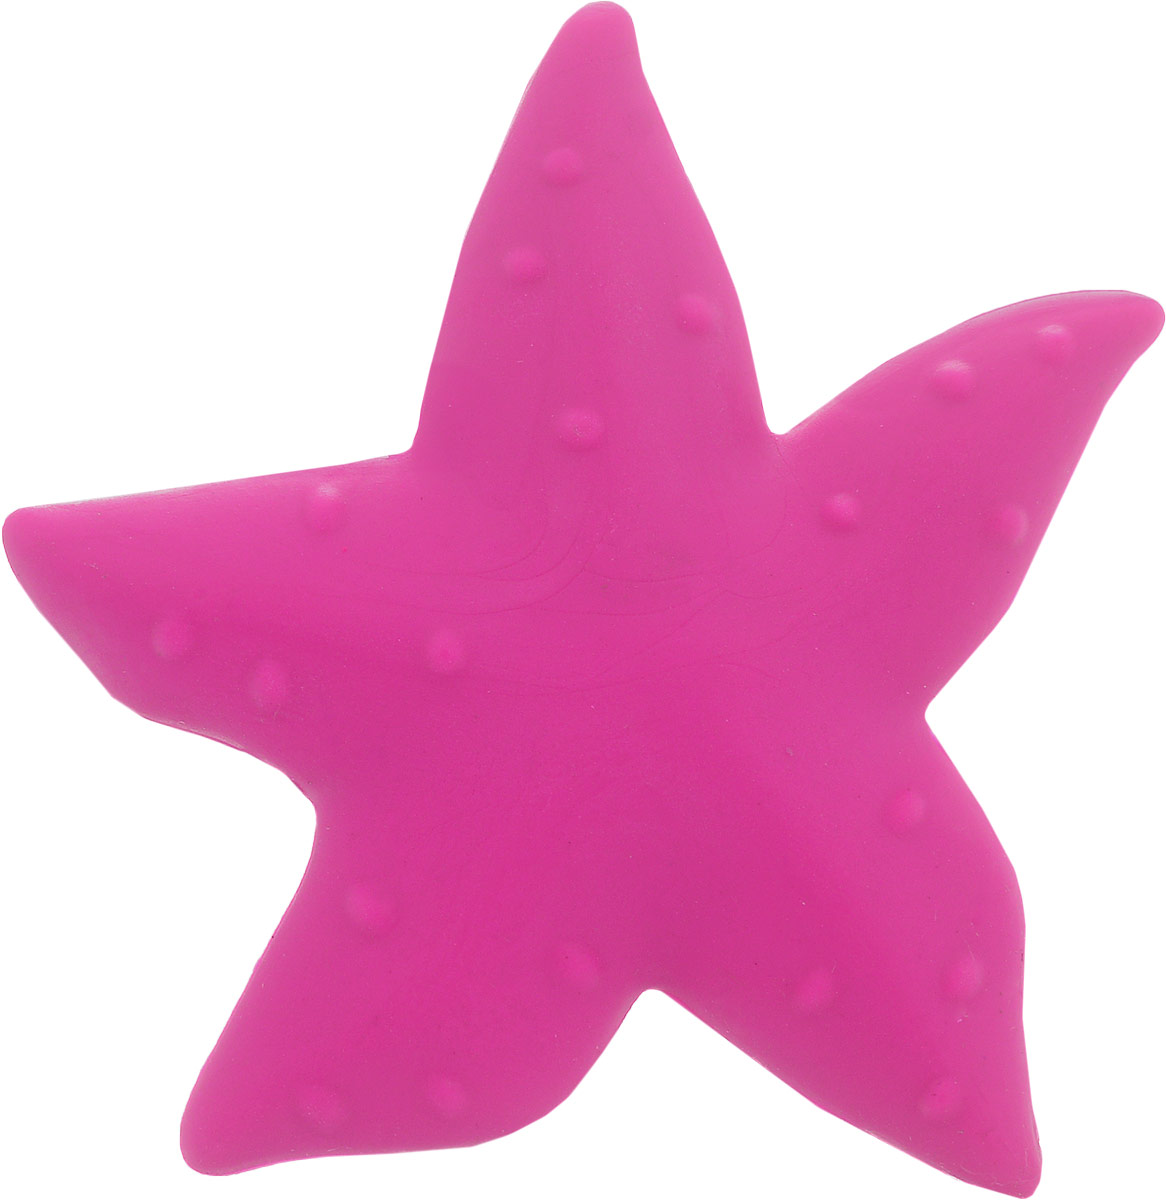 Brunnen Ластик Обитатели моря Звезда цвет розовый584813Ластик Brunnen Обитатели моря: Звезда станет незаменимым аксессуаром на рабочем столе не только школьника или студента, но и офисного работника. Он легко и без следа удаляет надписи, сделанные карандашом.Ластик выполнен из цветного каучука в виде морской звезды. Такой ластик напомнит вам о море и летнем отдыхе.